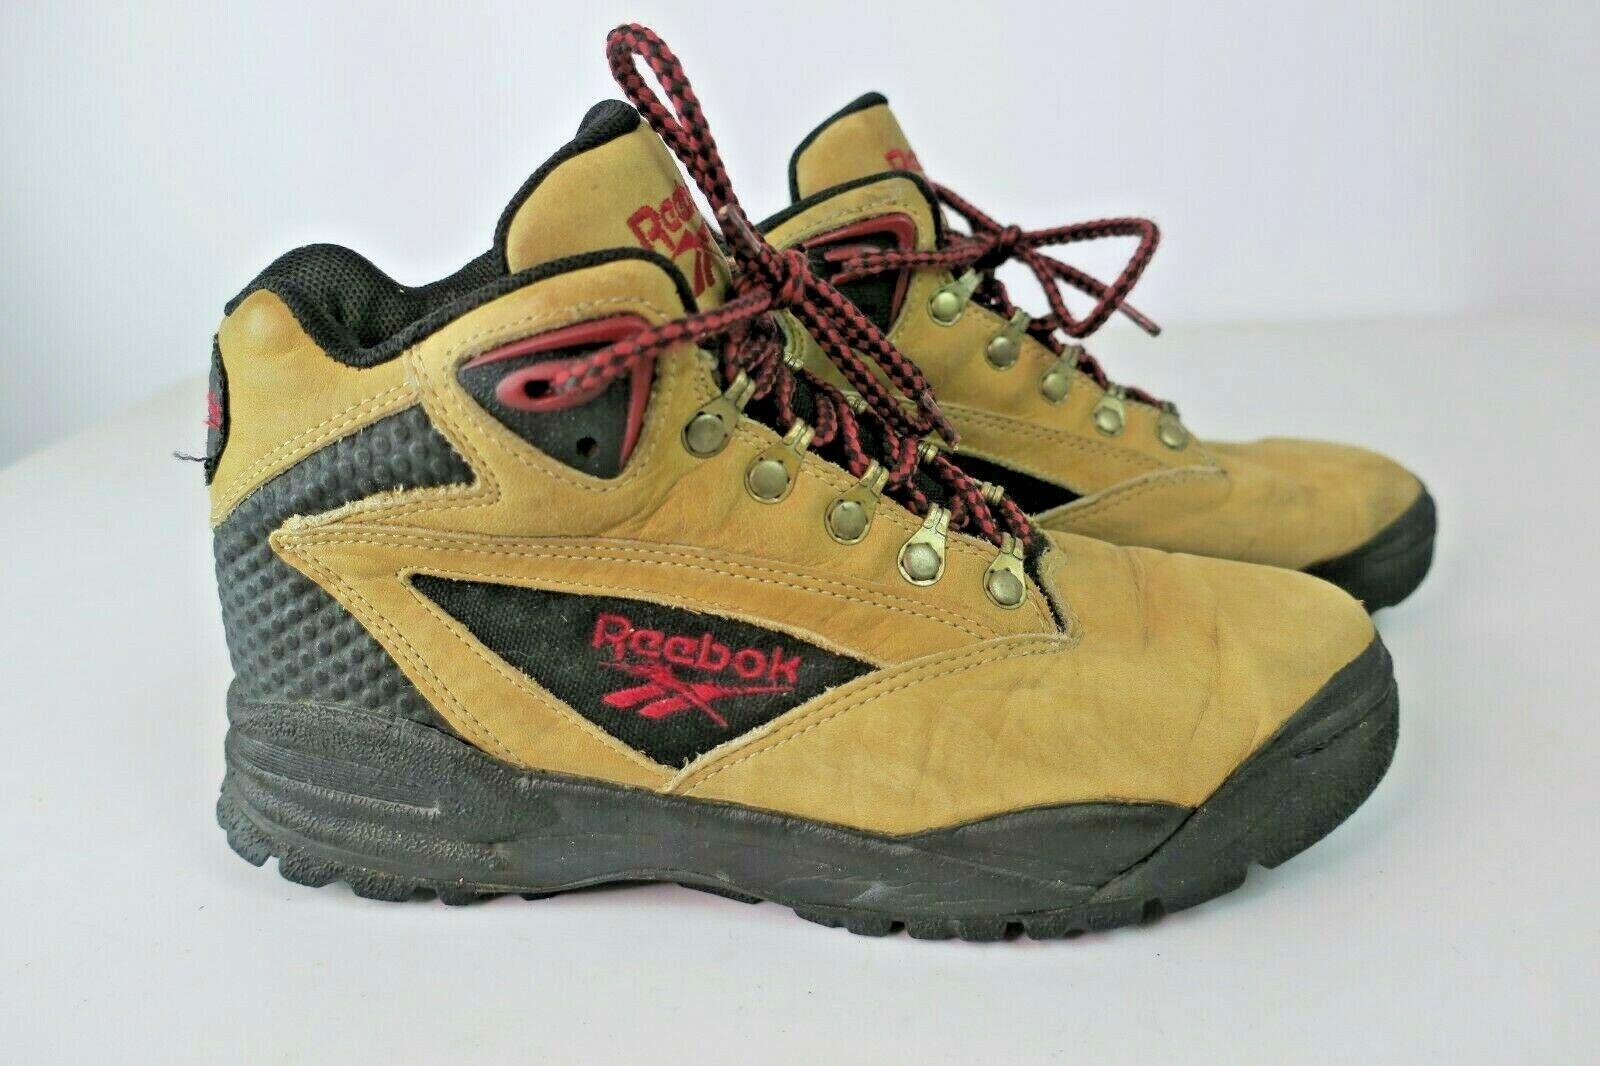 Reebok Vintage Cuero Tostado 90s para senderismo y botas para mujer Talla 8.5